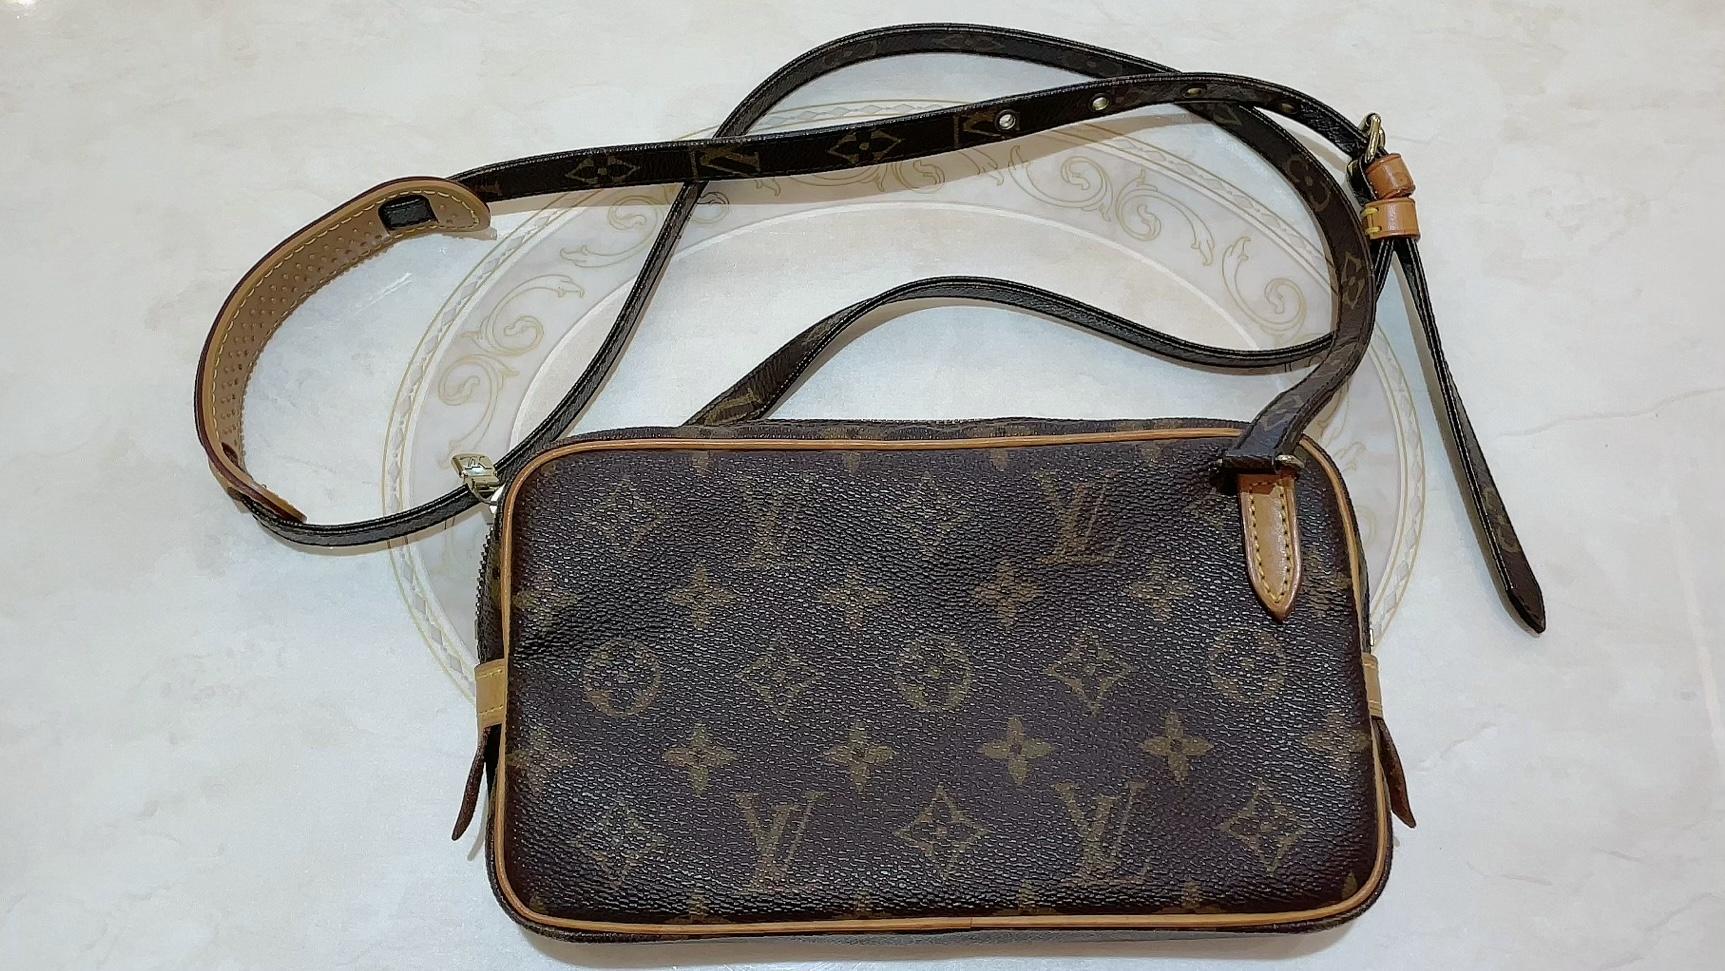 【買取速報】ブランドバッグ、LOUIS VUITTON-2021-05-22